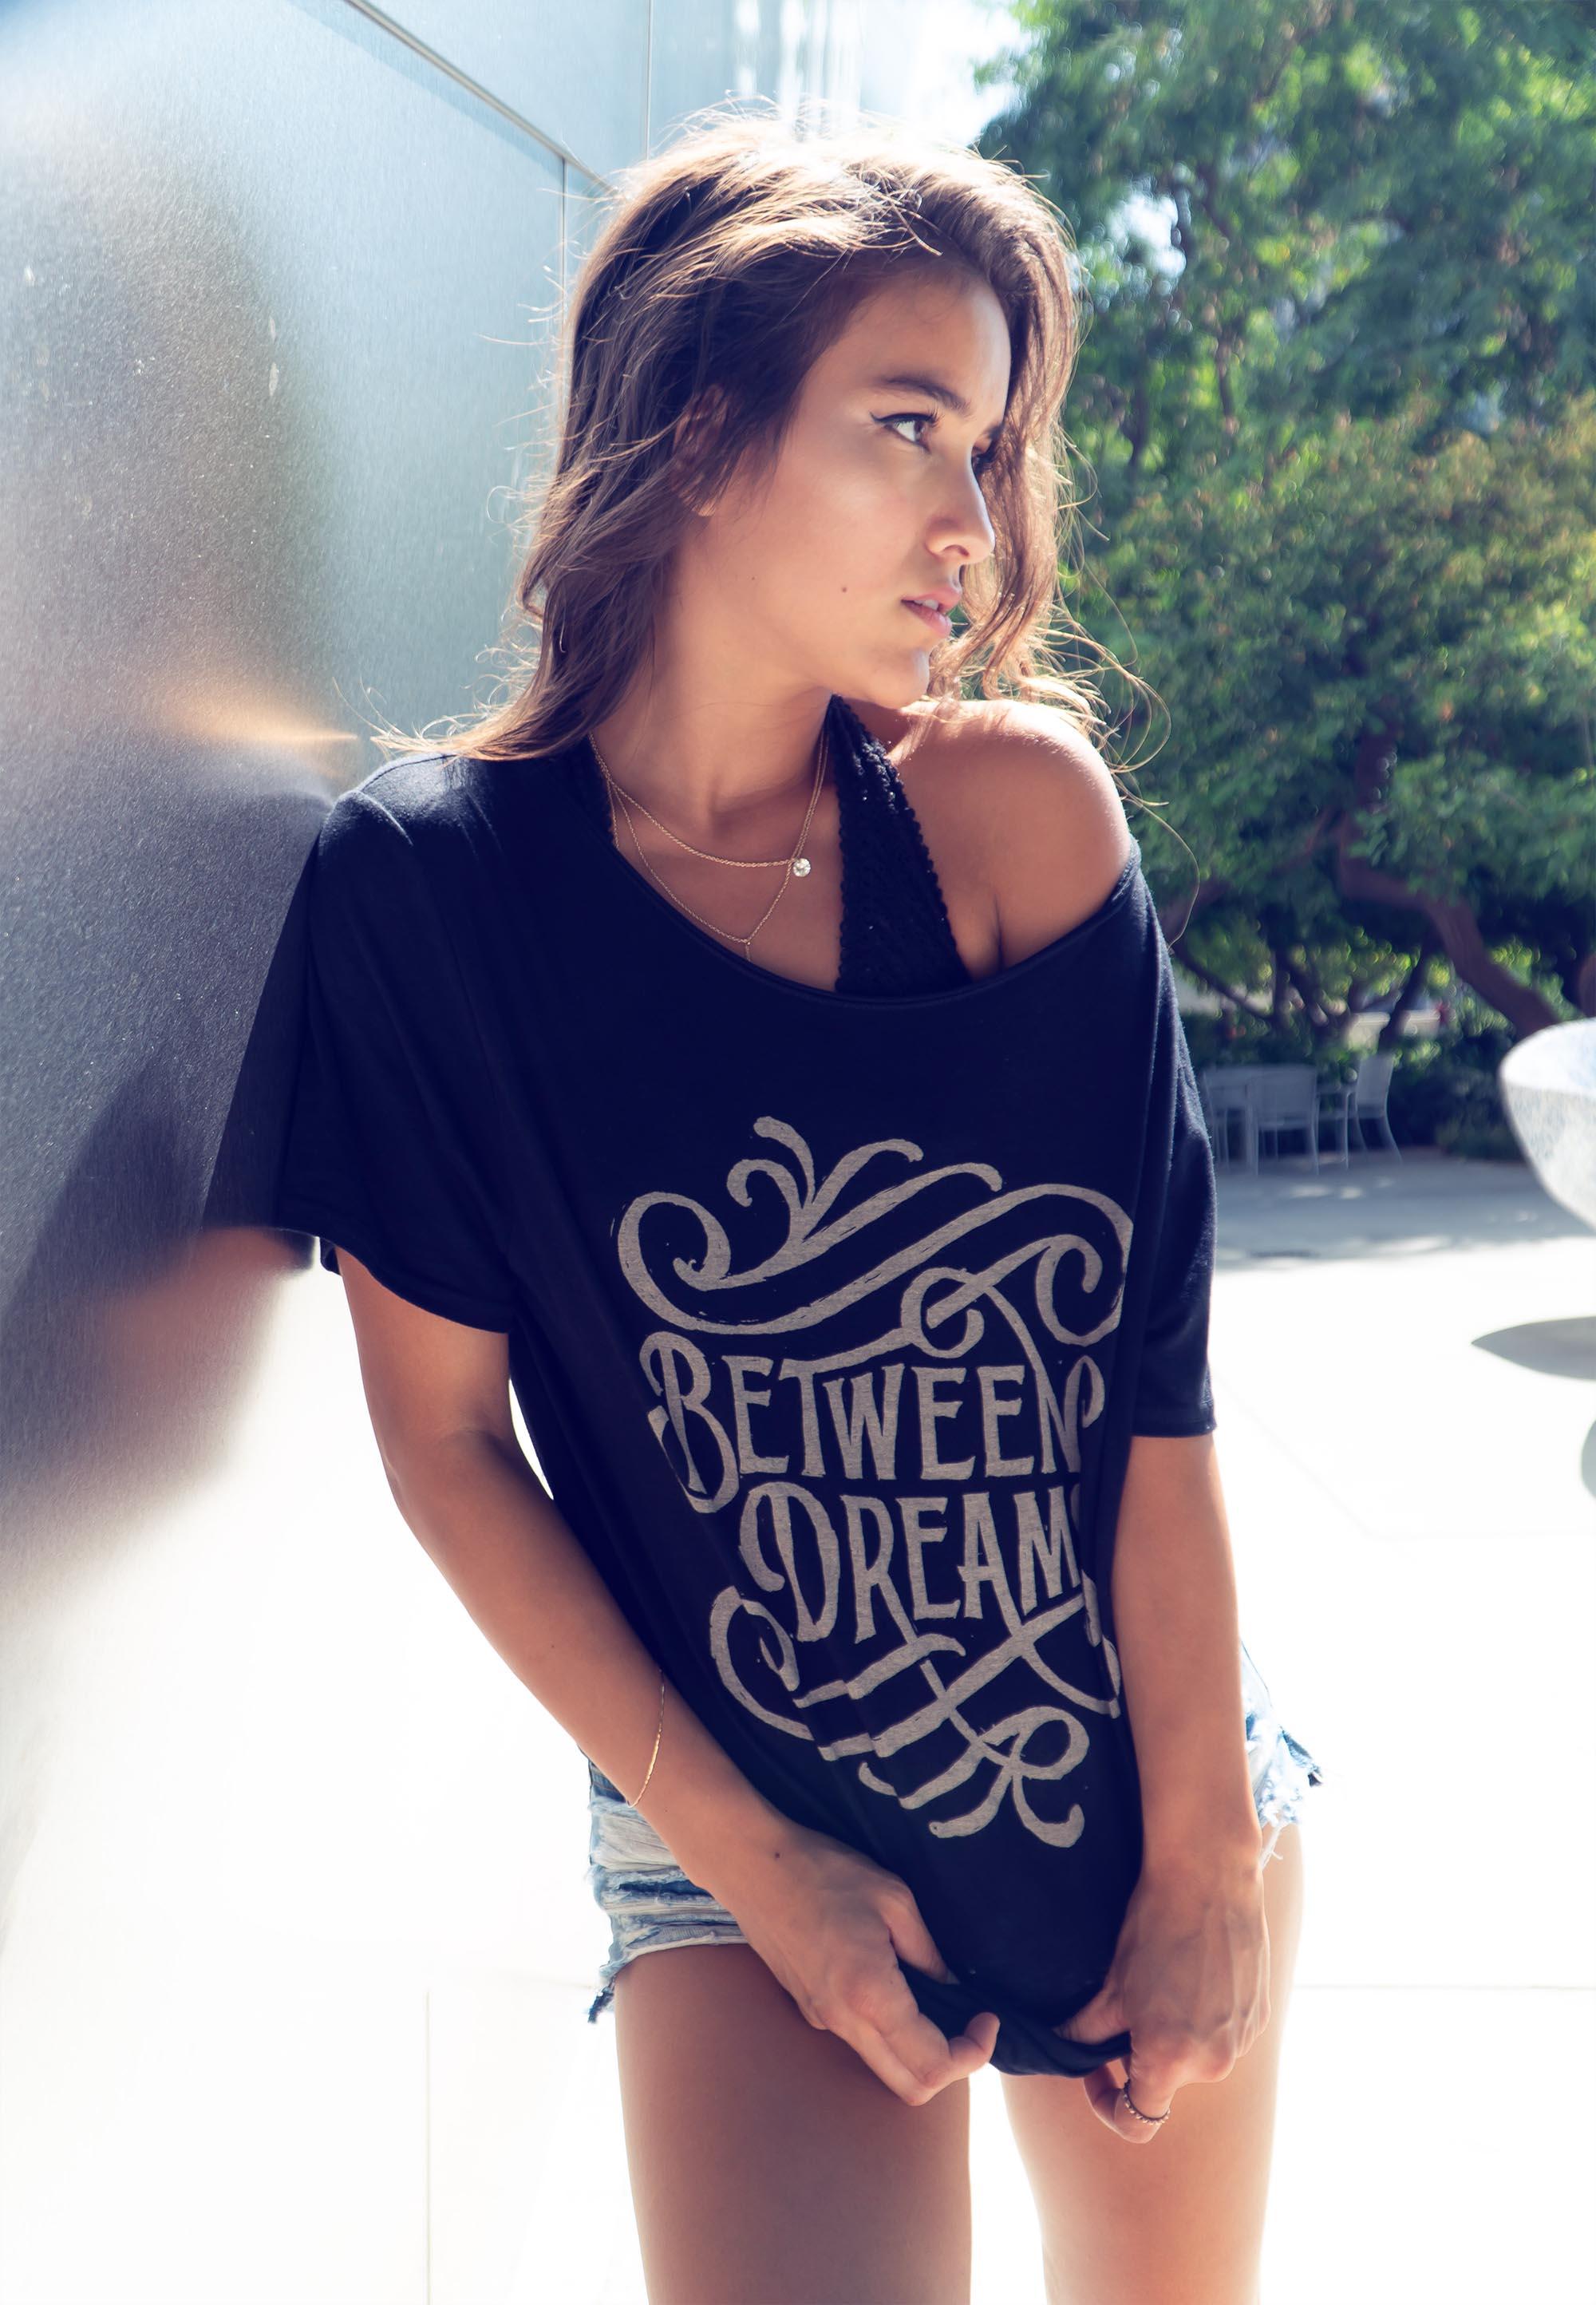 between dreams t shirt ari 5.jpg